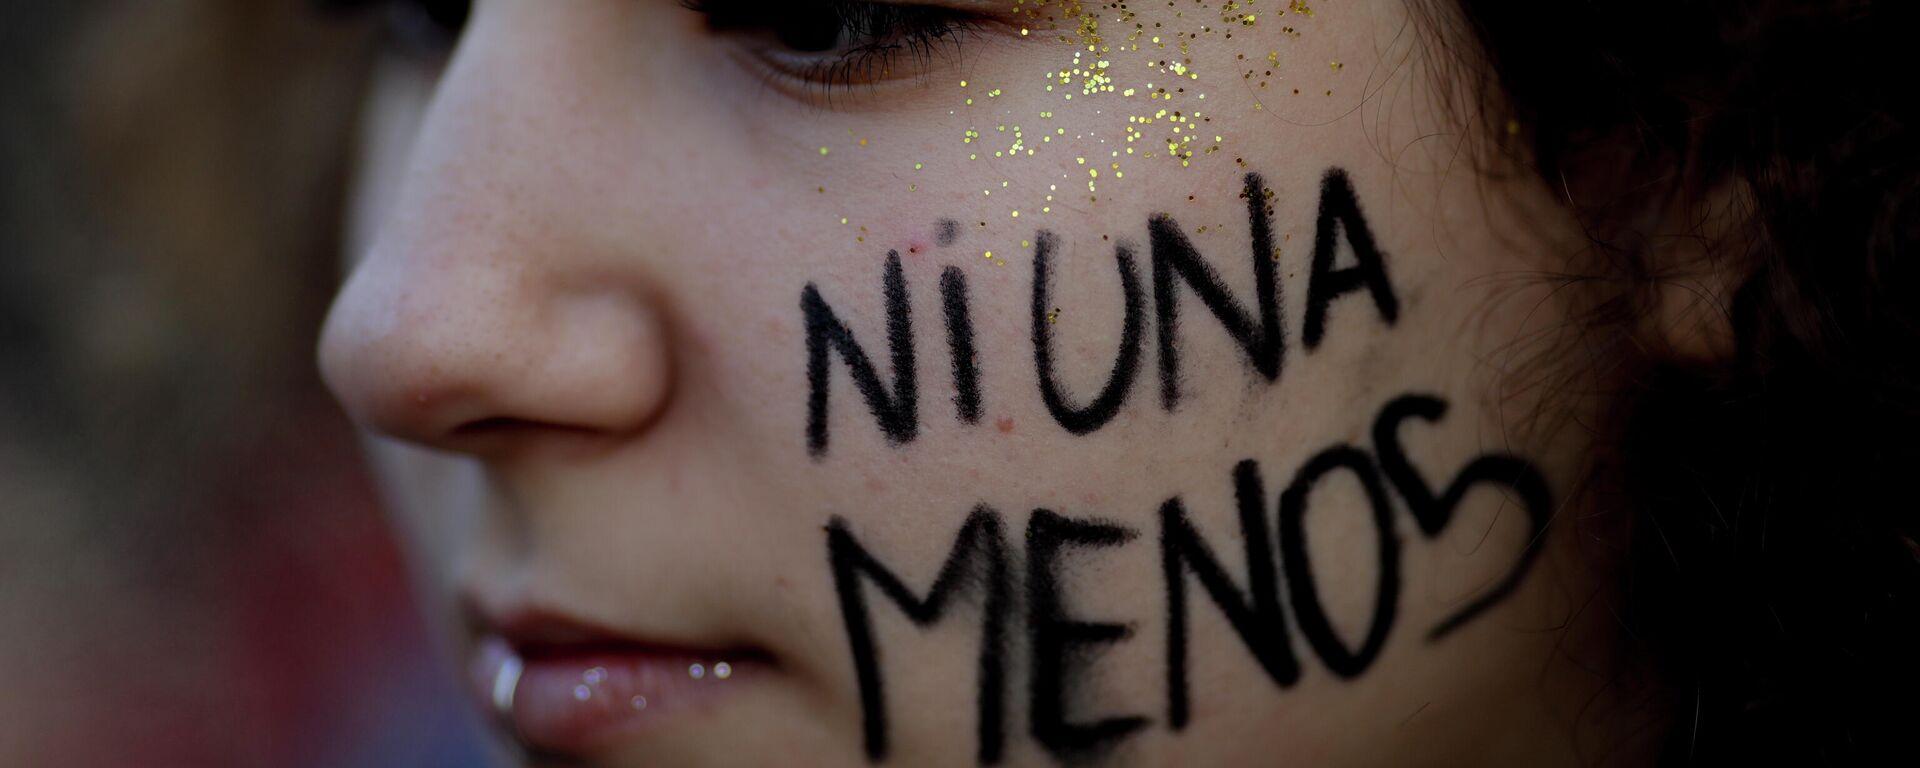 Una joven argentina con la leyenda 'Ni una menos' durante una marcha feminista en Buenos Aires en 2017 - Sputnik Mundo, 1920, 03.06.2021